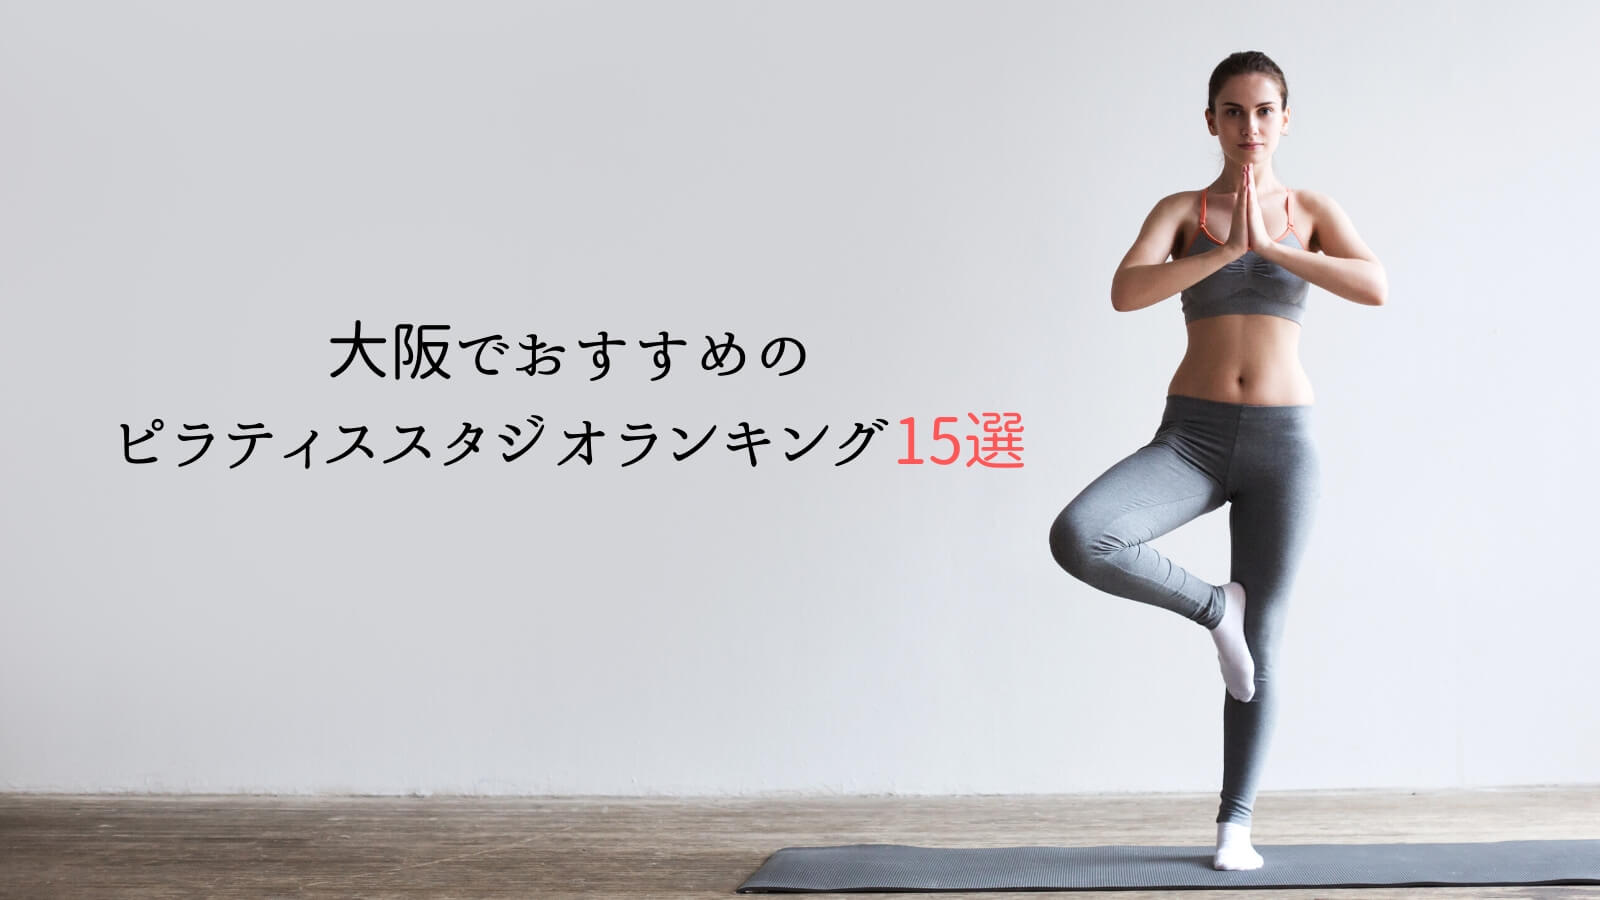 大阪でおすすめのピラティススタジオランキング15選